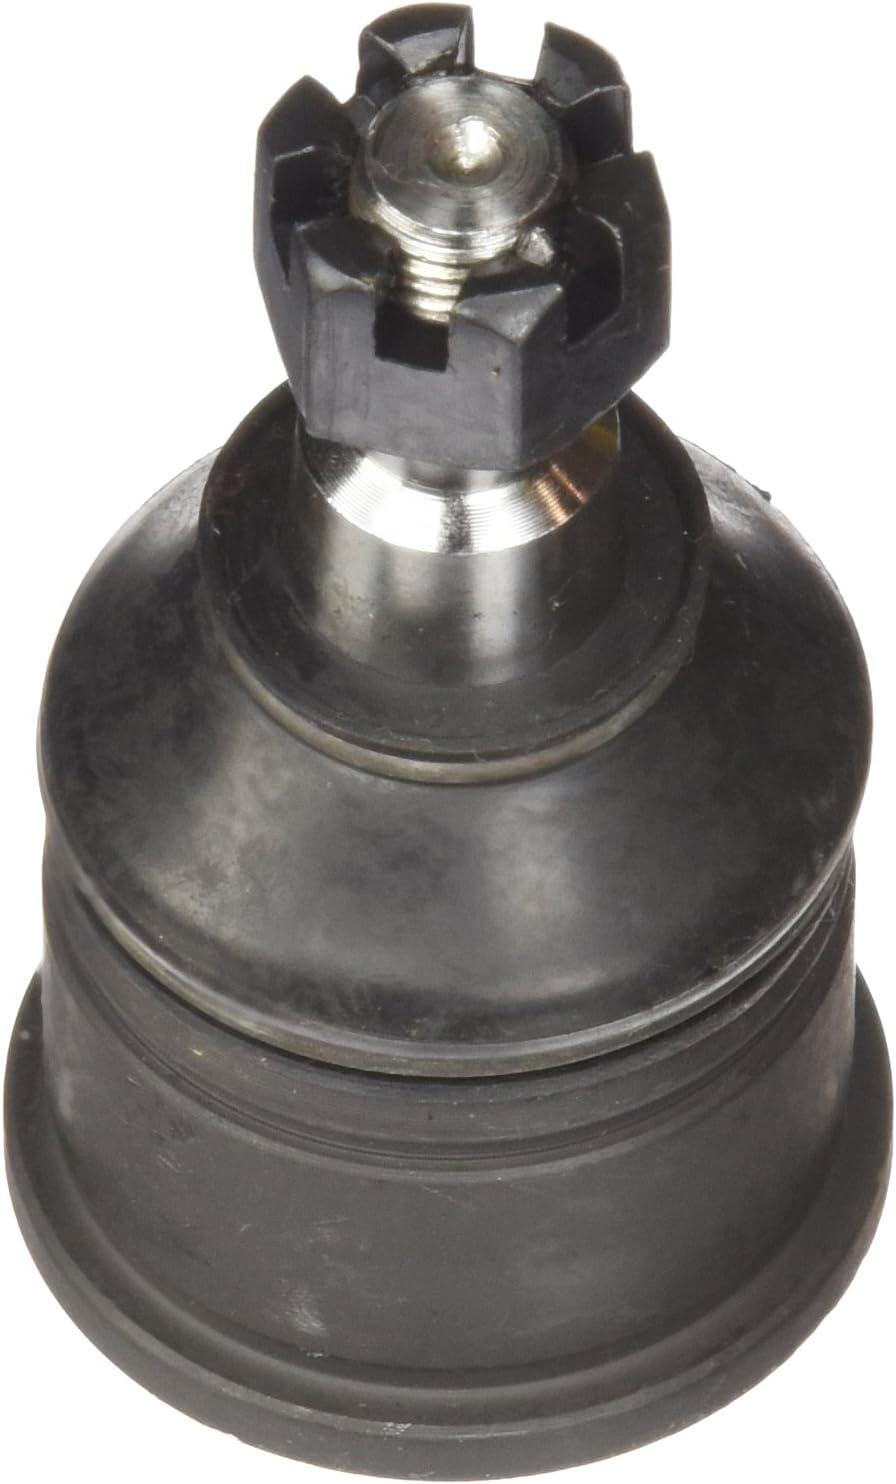 Mevotech GK9643 Ball Joint